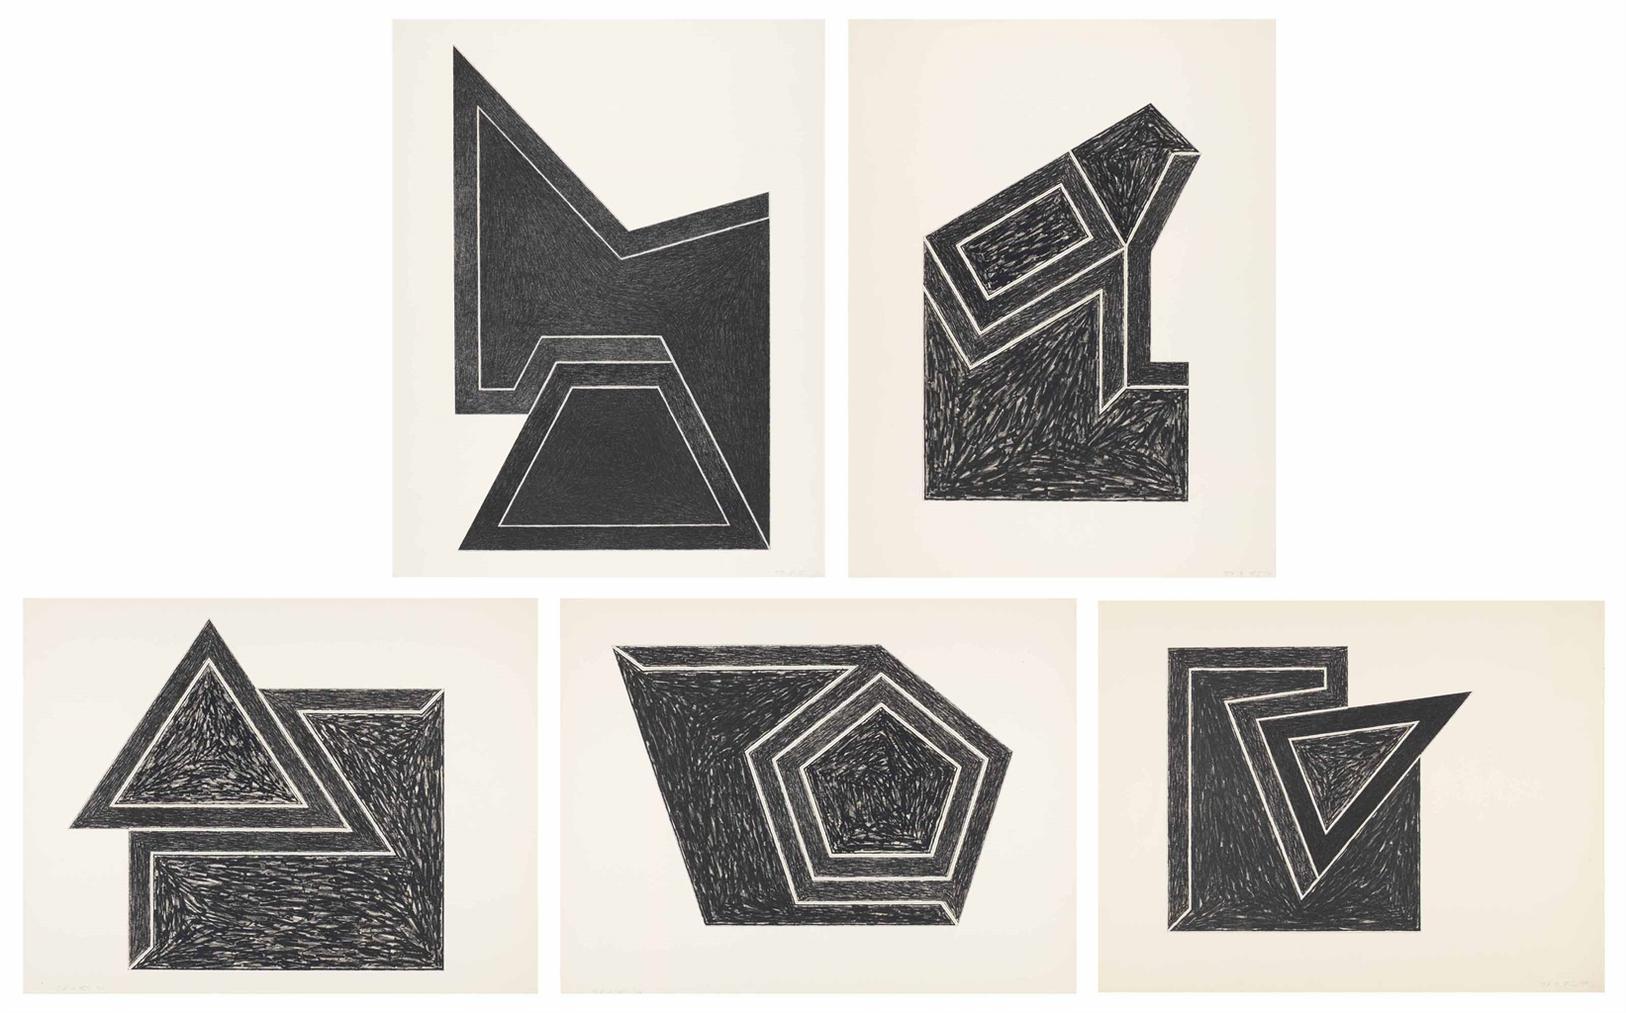 Frank Stella-Eccentric Polygons: Five Plates-1974